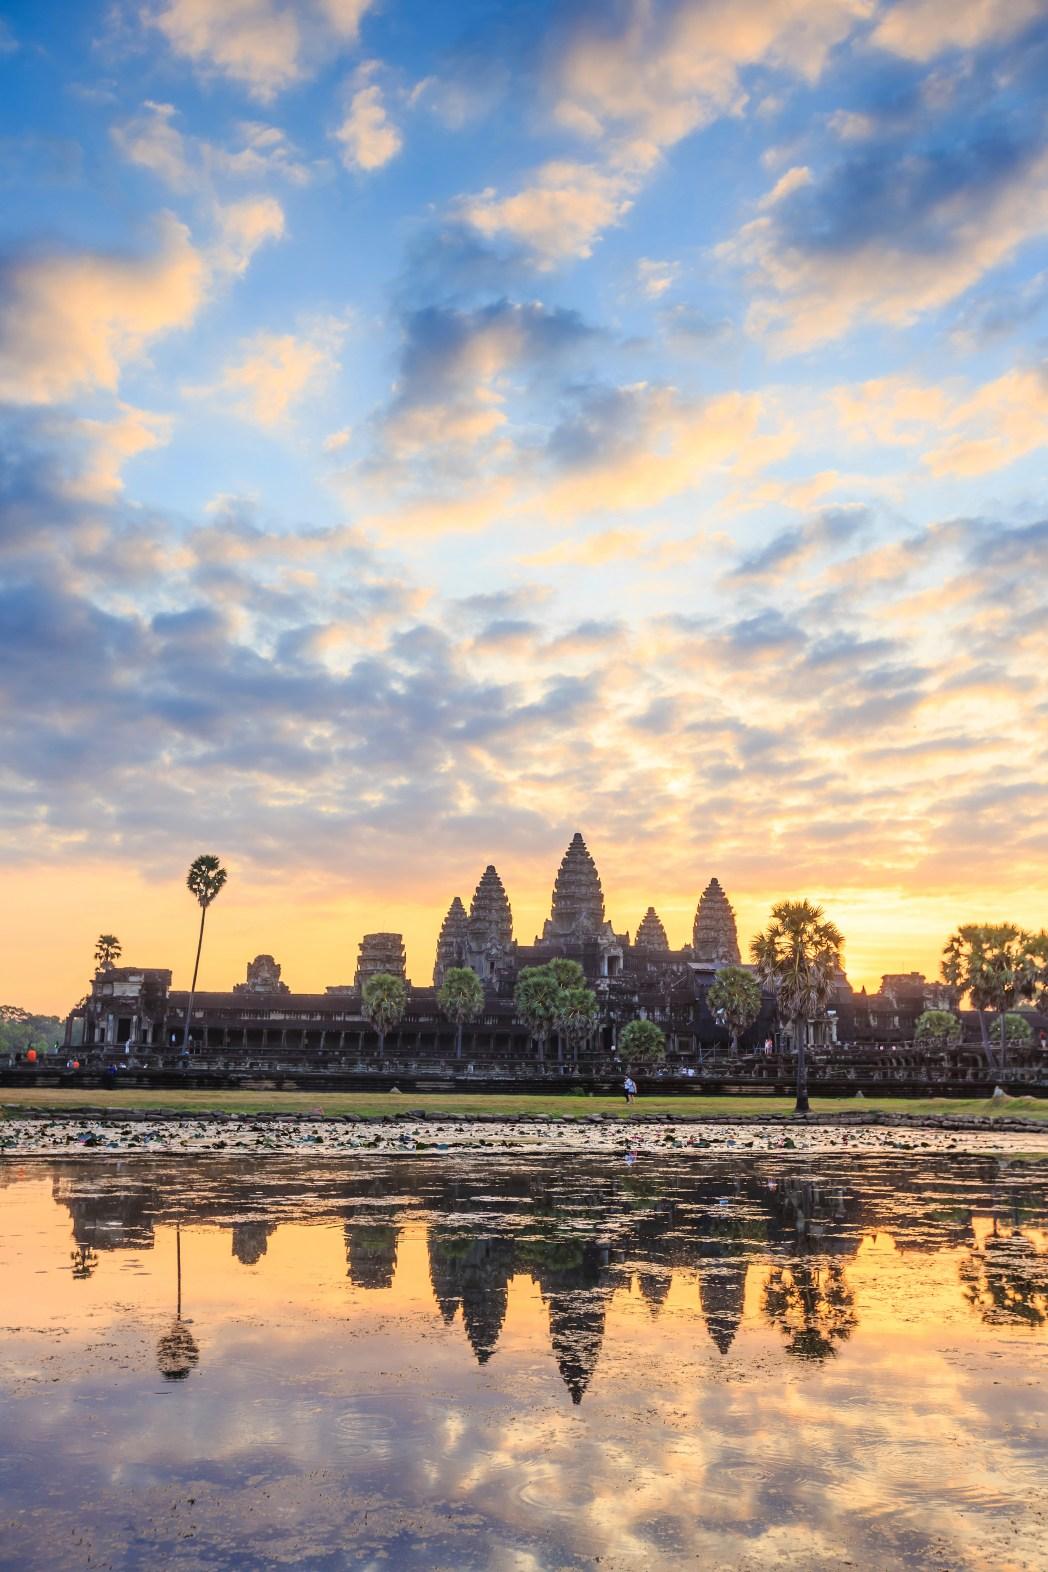 Qué ver en Angkor Wat en 3 días, la Ciudad Escondida | Skyscanner - Noticias